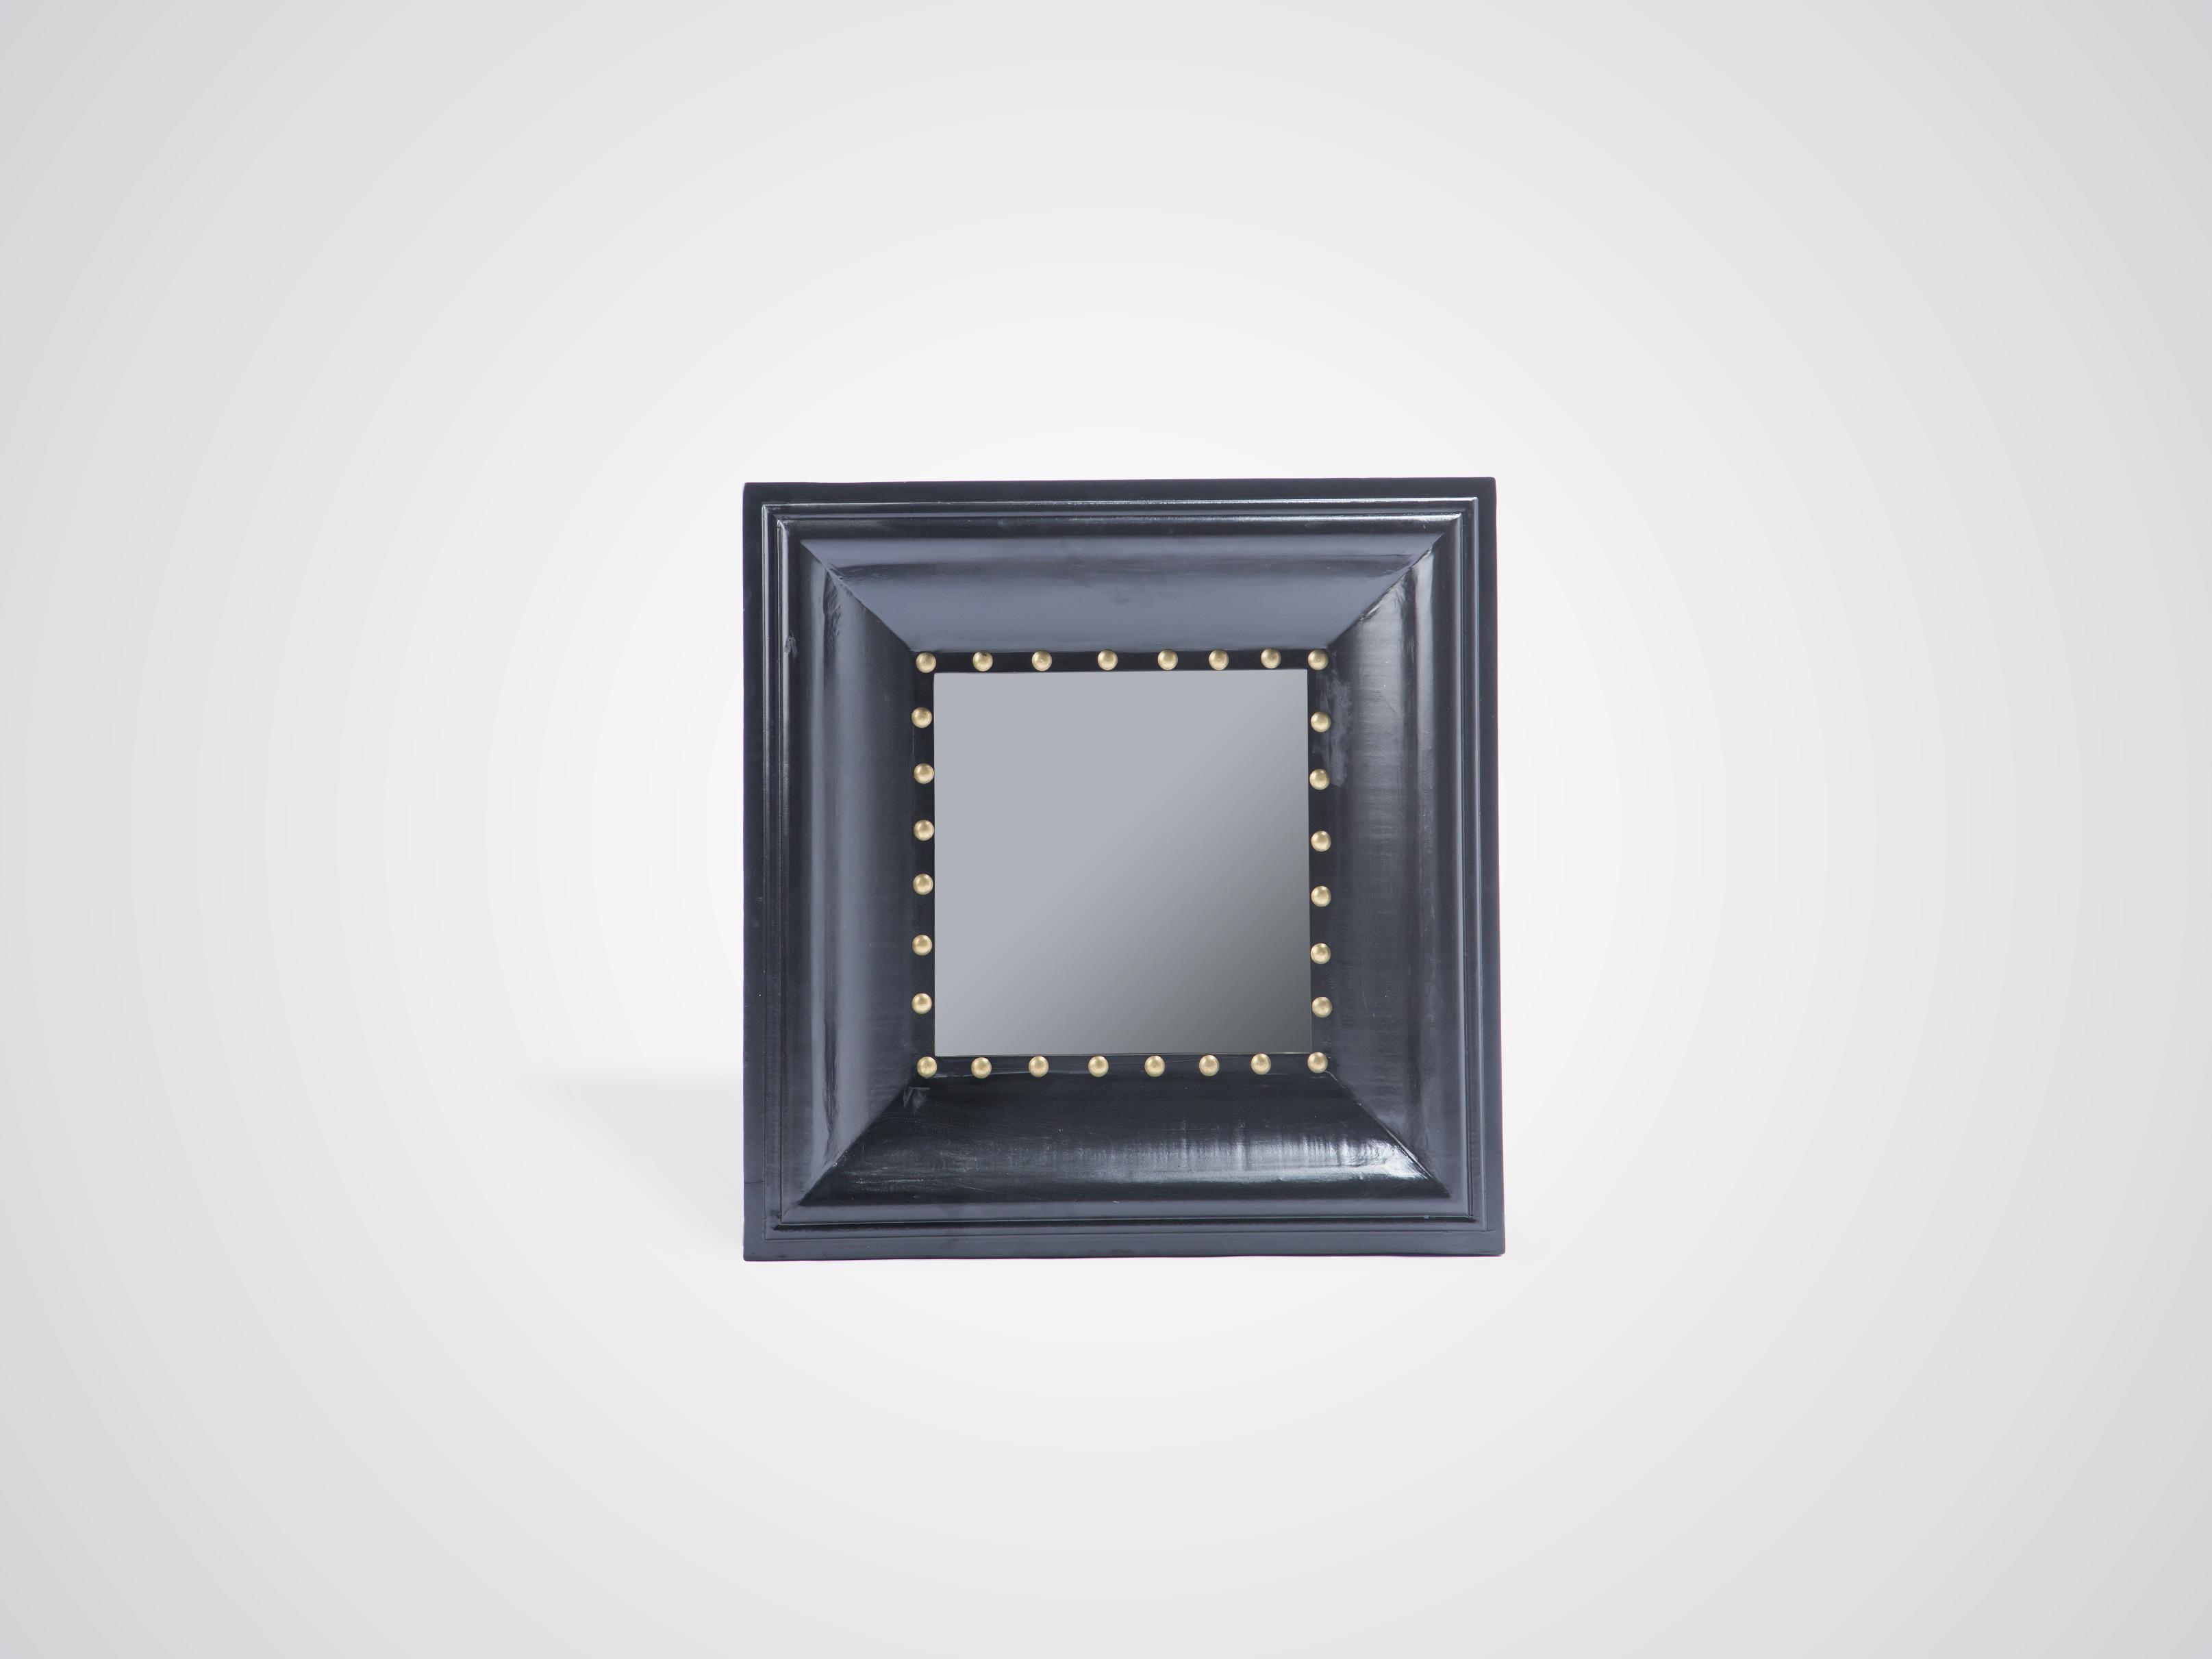 Зеркало в квадратной черной раме, inmyroom, Китай  - Купить